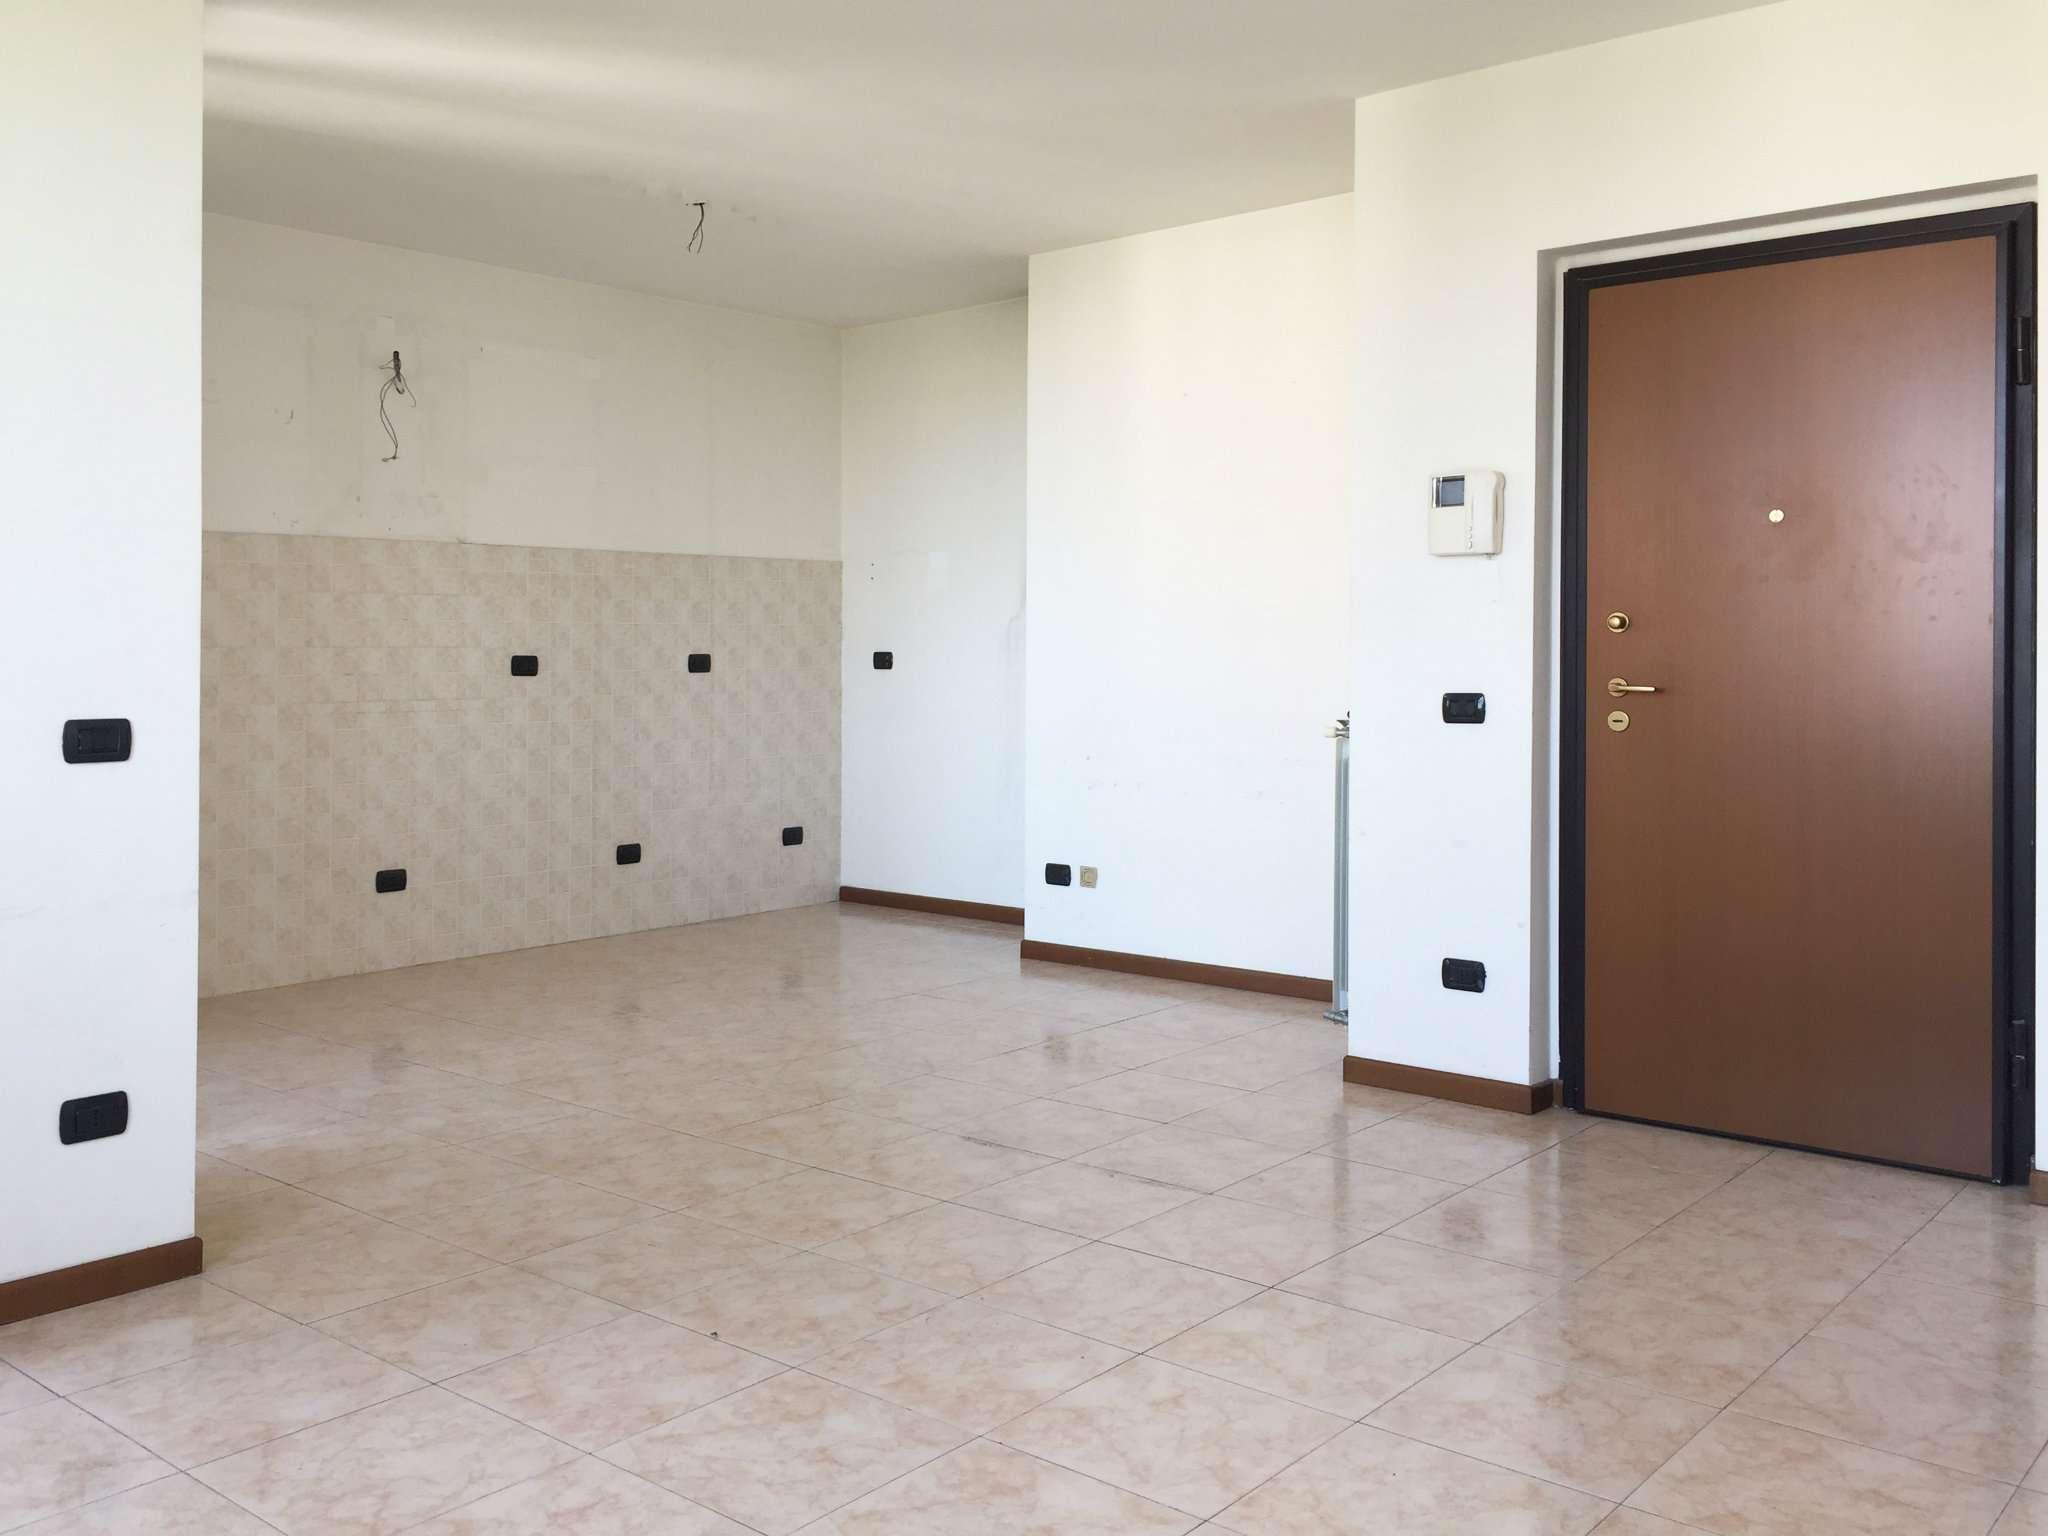 Appartamento in affitto a Bresso, 2 locali, prezzo € 600 | Cambio Casa.it